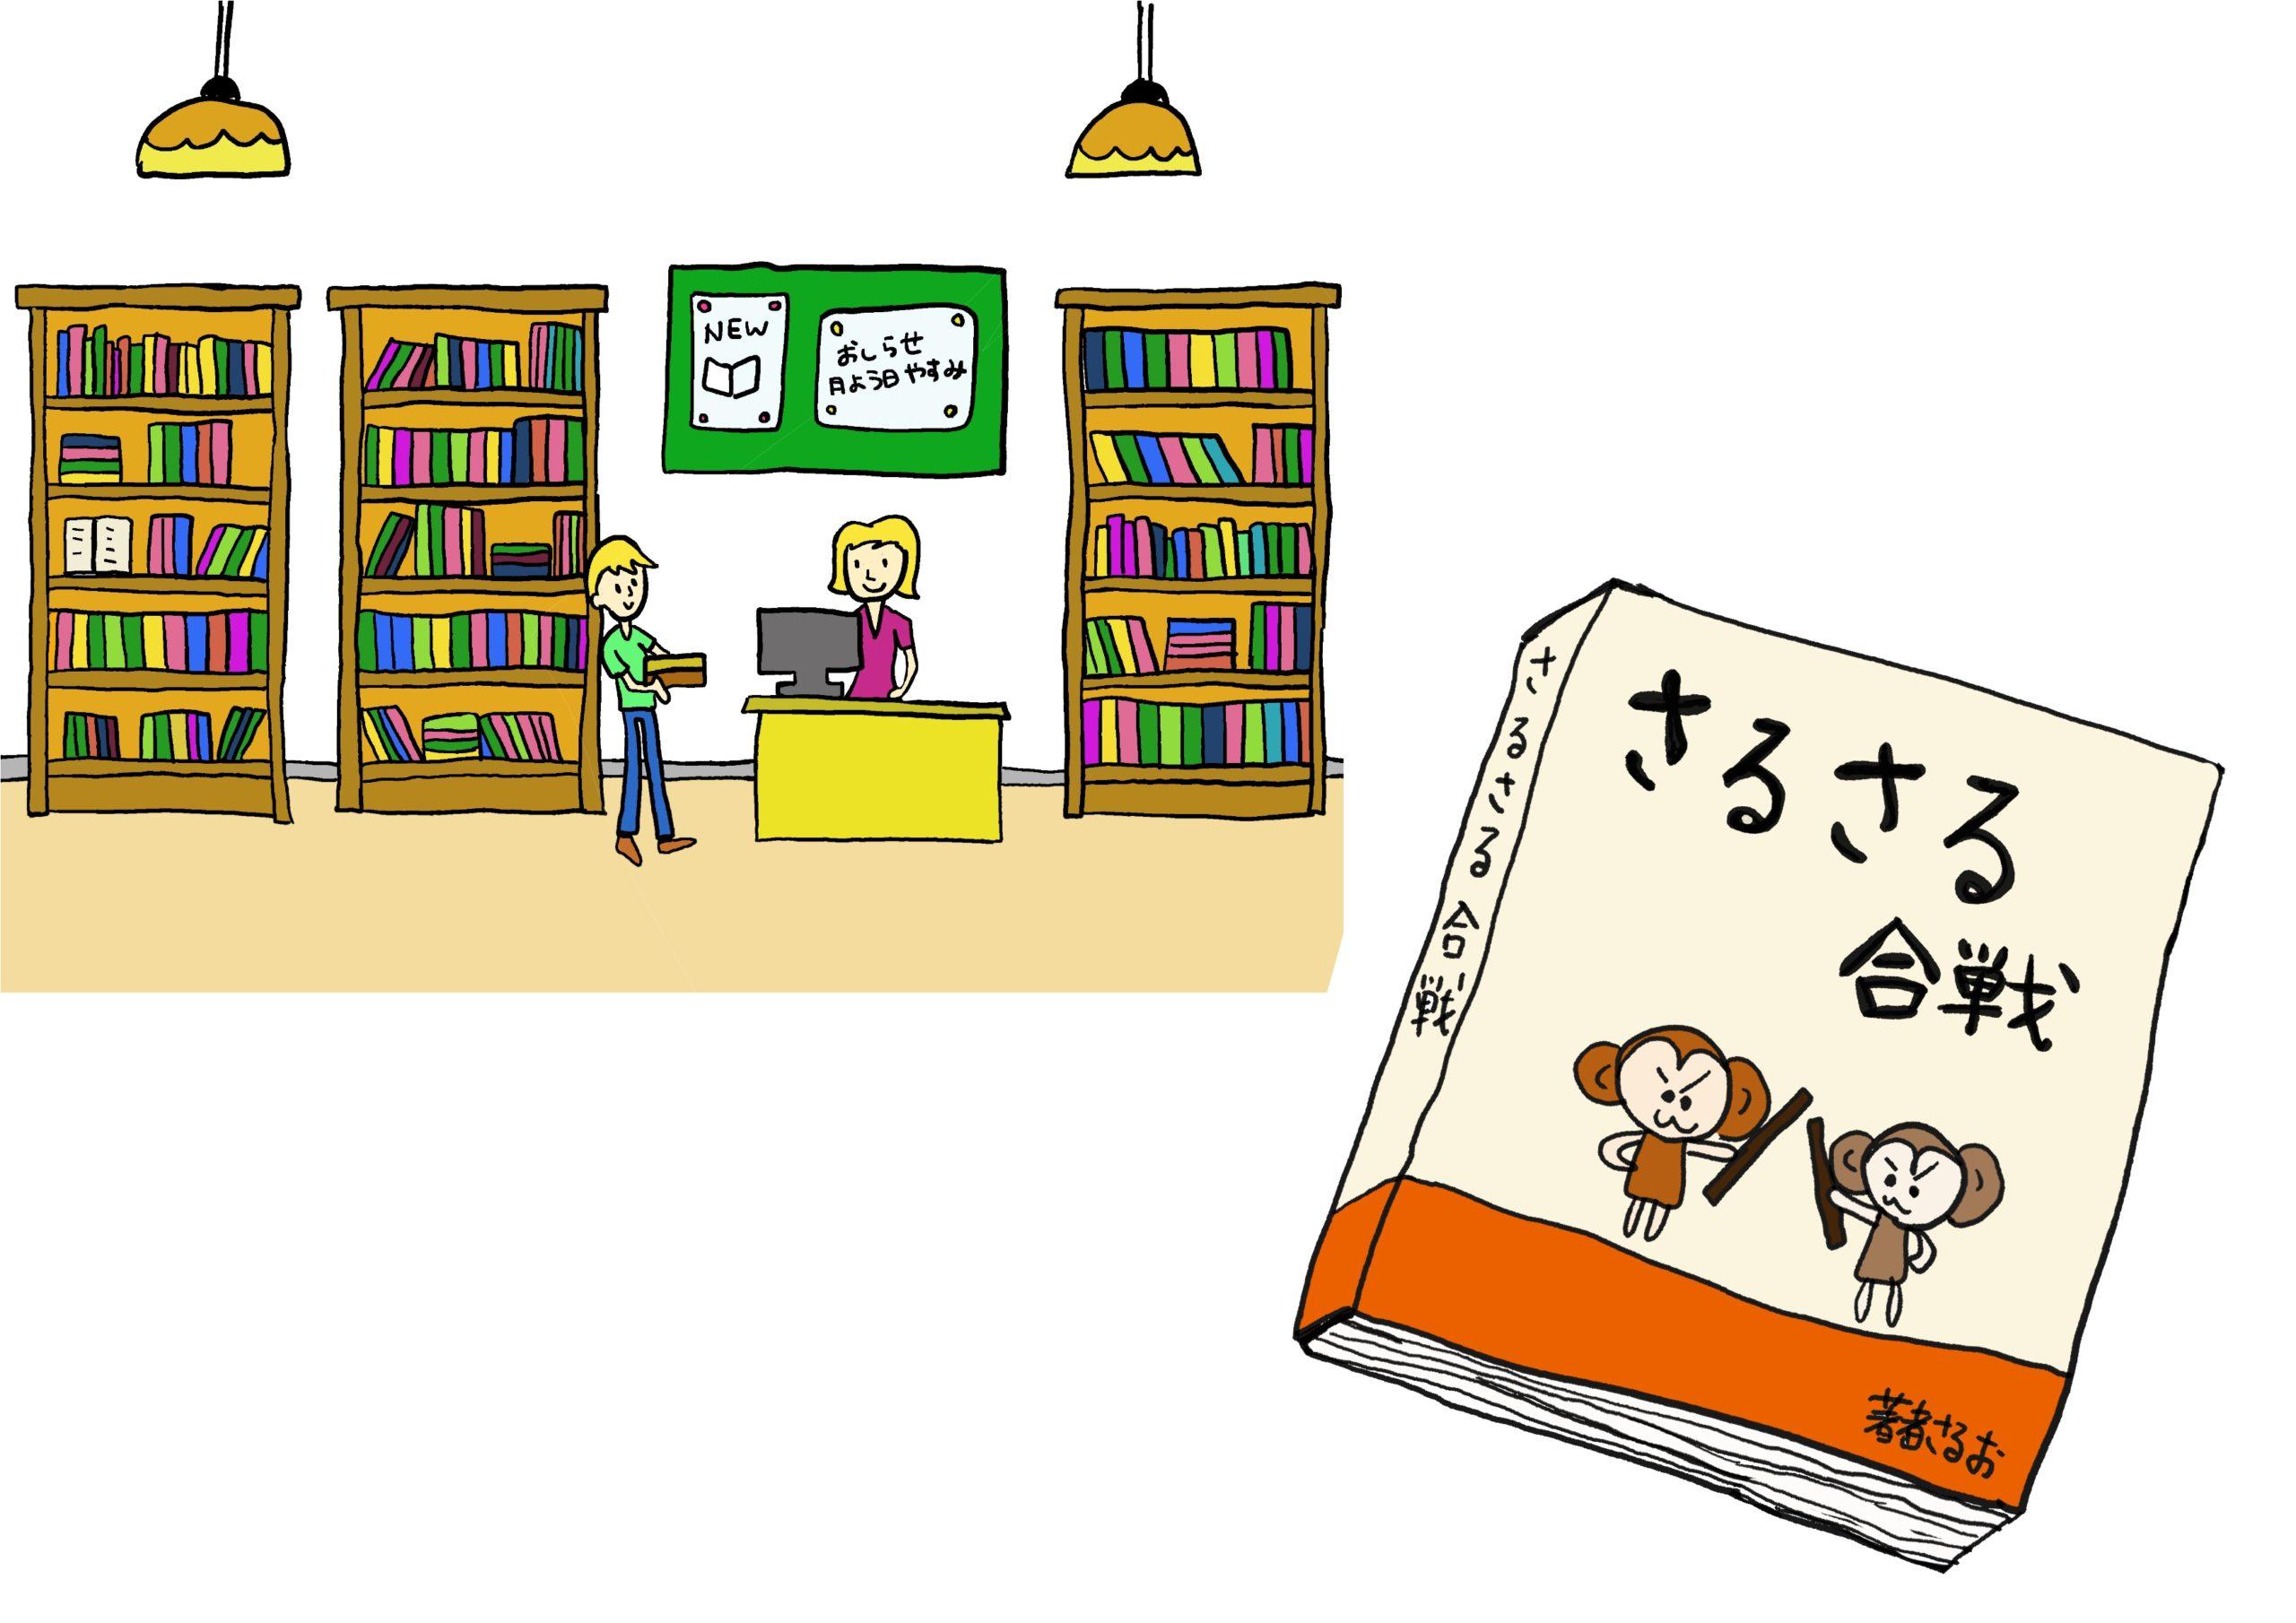 13課イラスト【図書館で本を借りる】